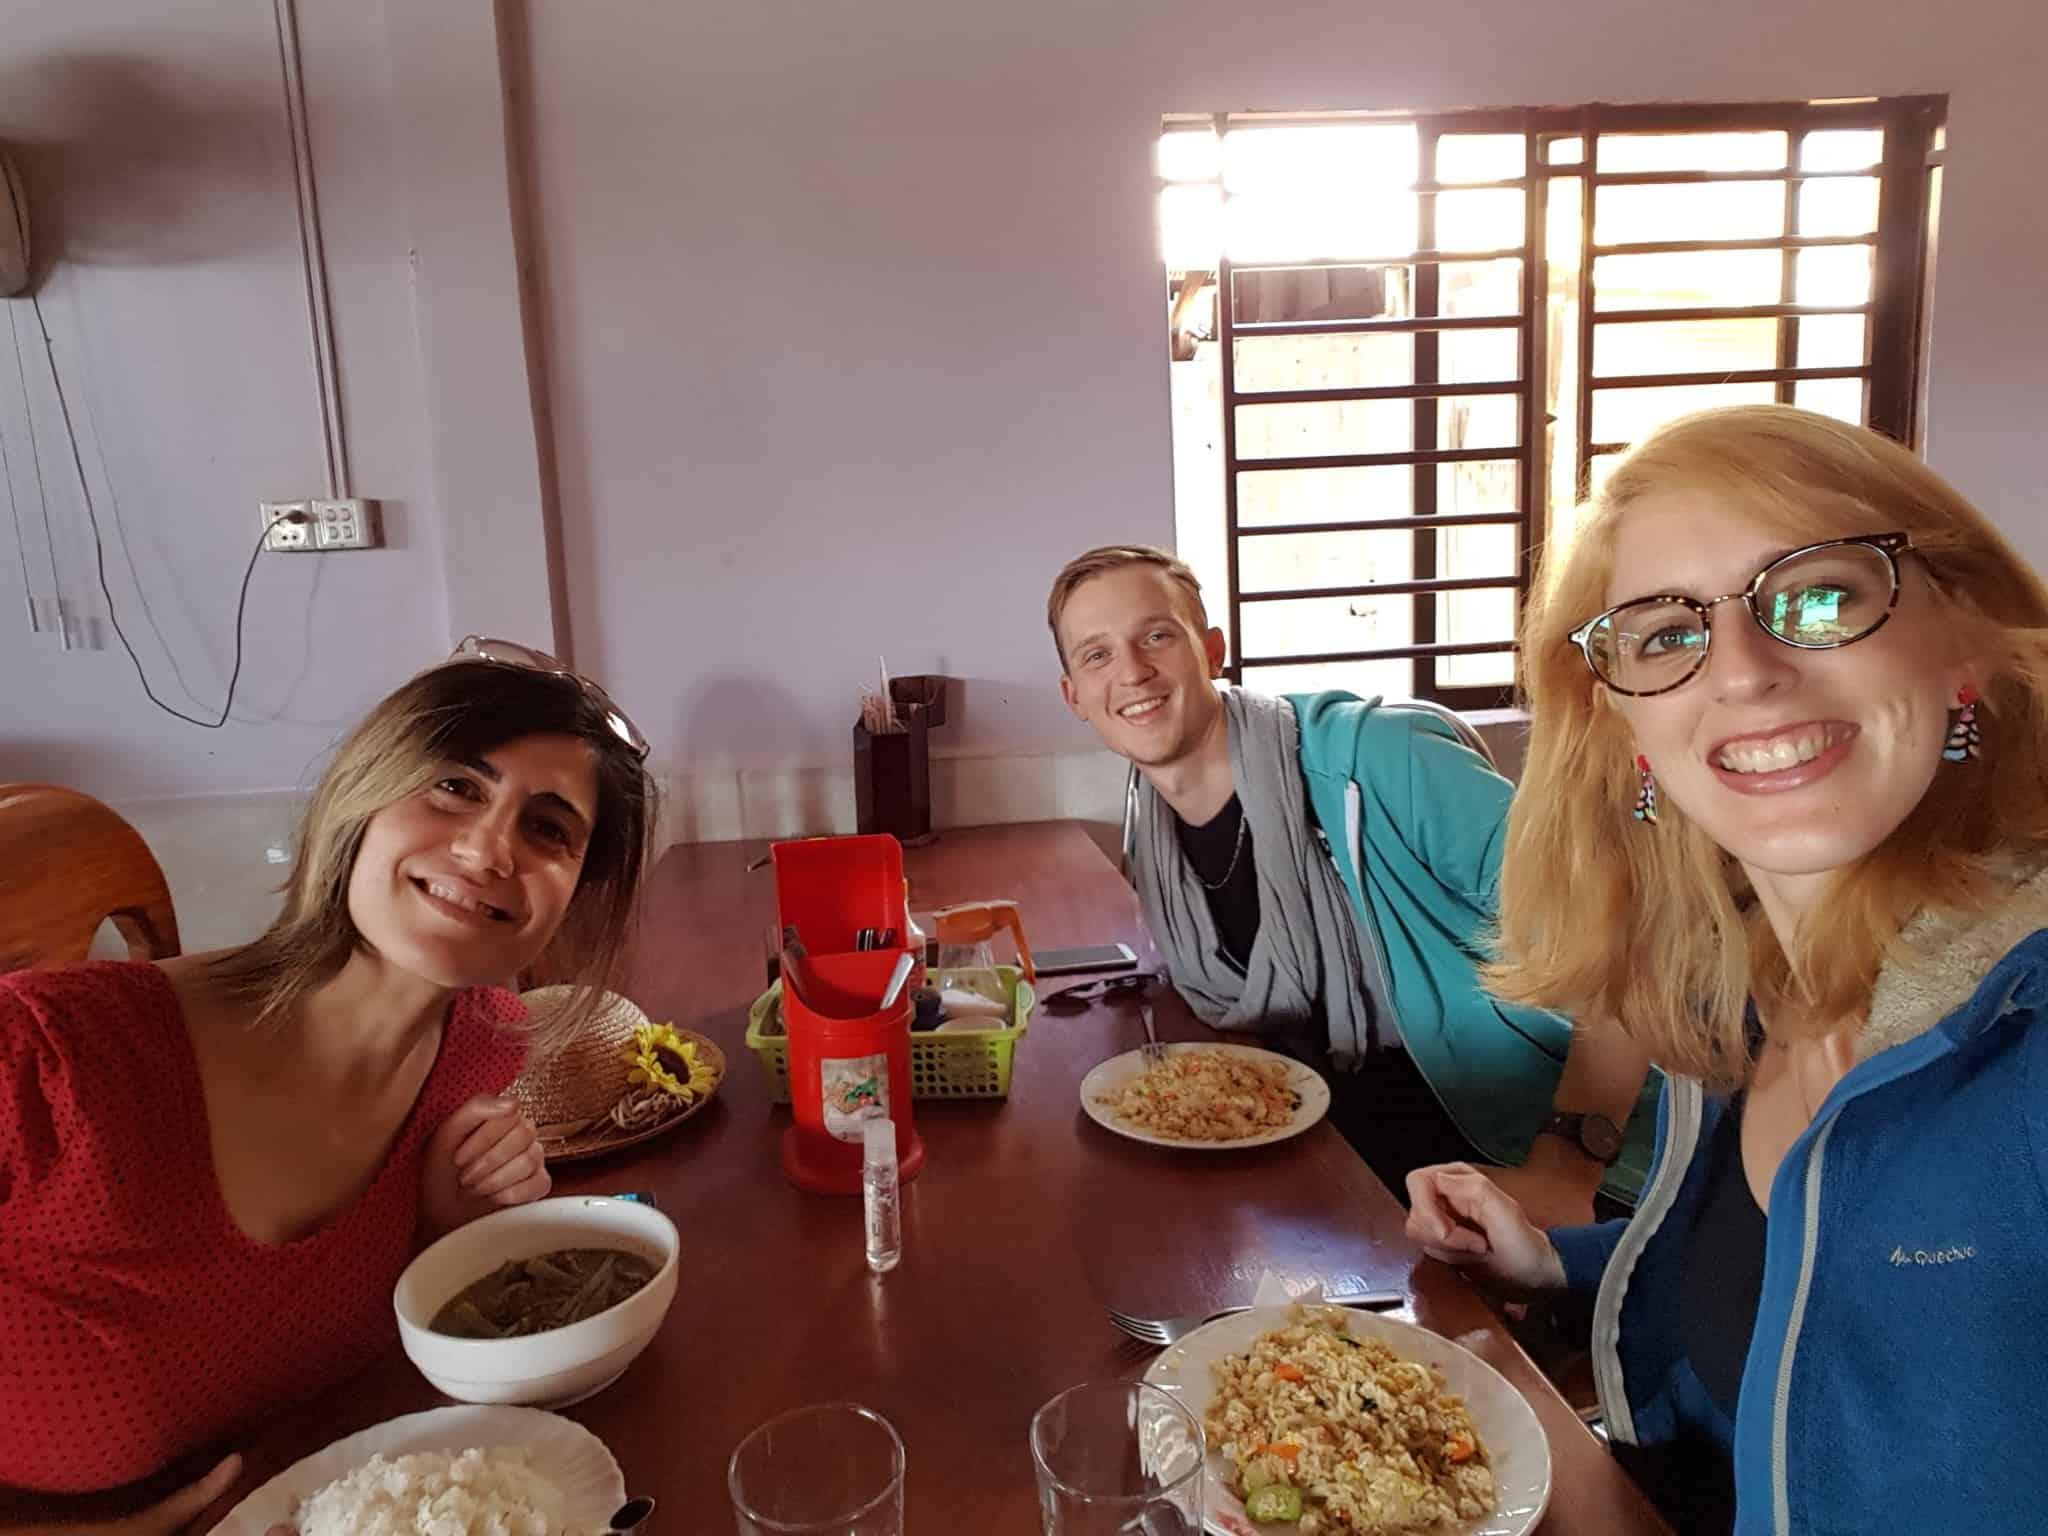 Cambodge, quand une rencontre t'amène sur une île paradisiaque 🌴 7